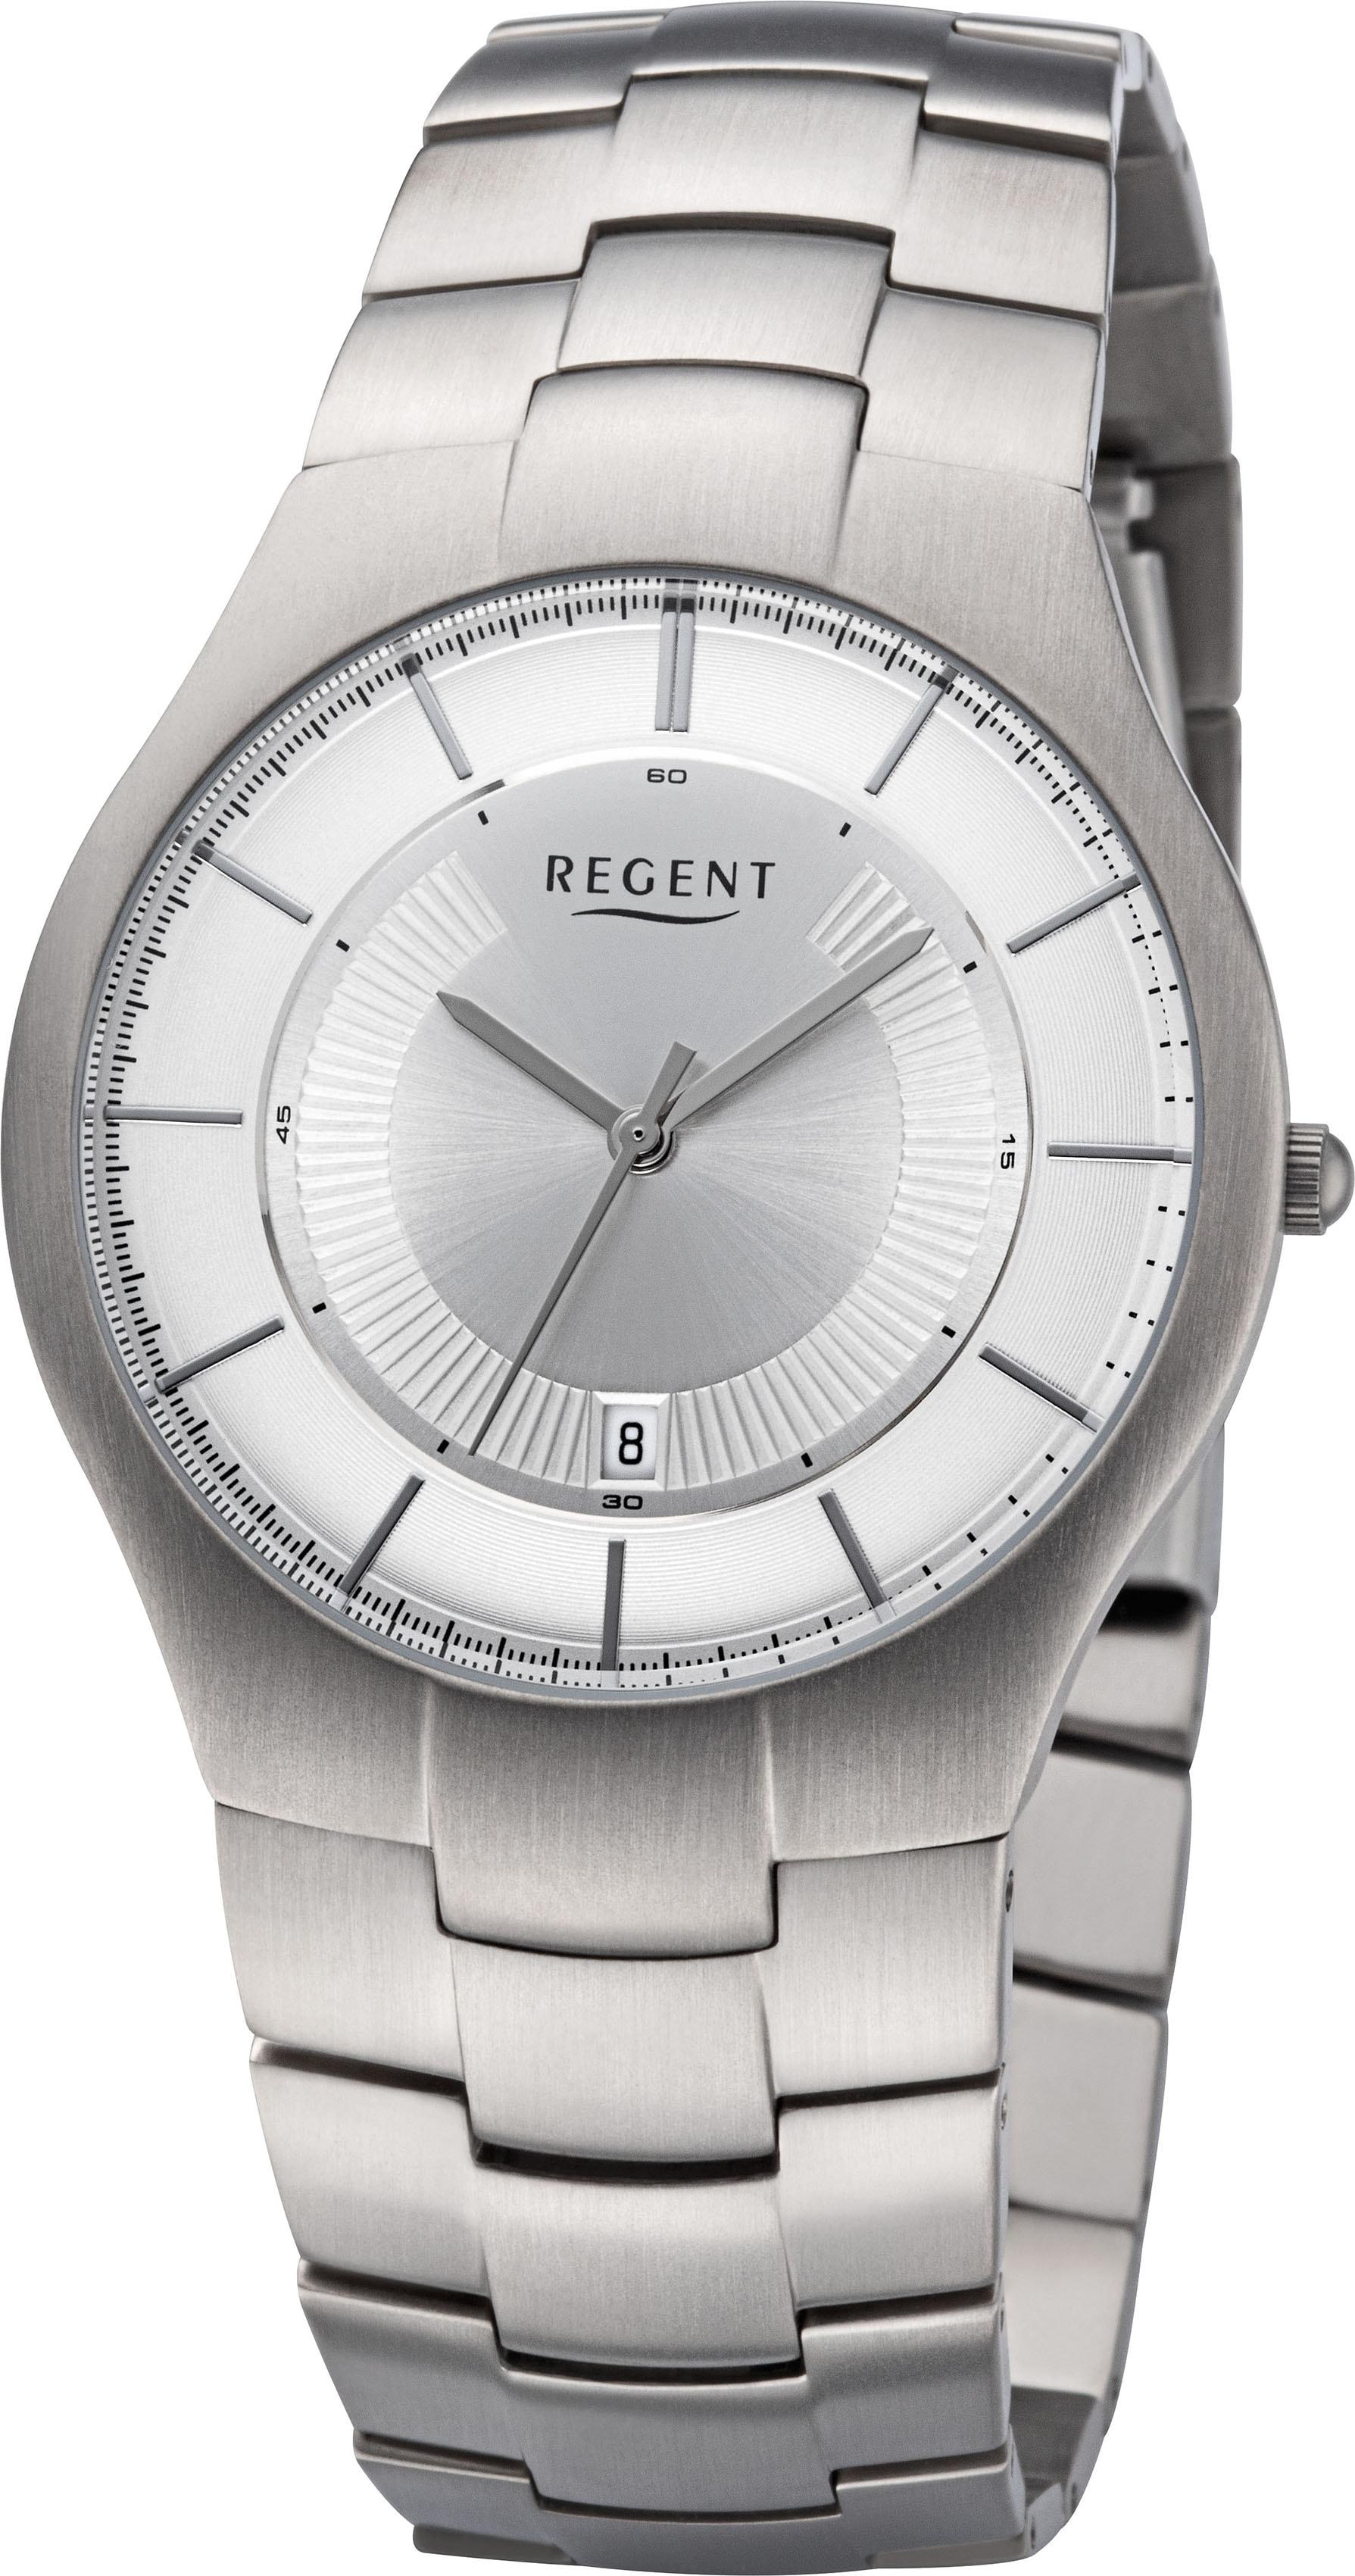 Regent Titanuhr 11090355 - 1899.90.91 günstig online kaufen